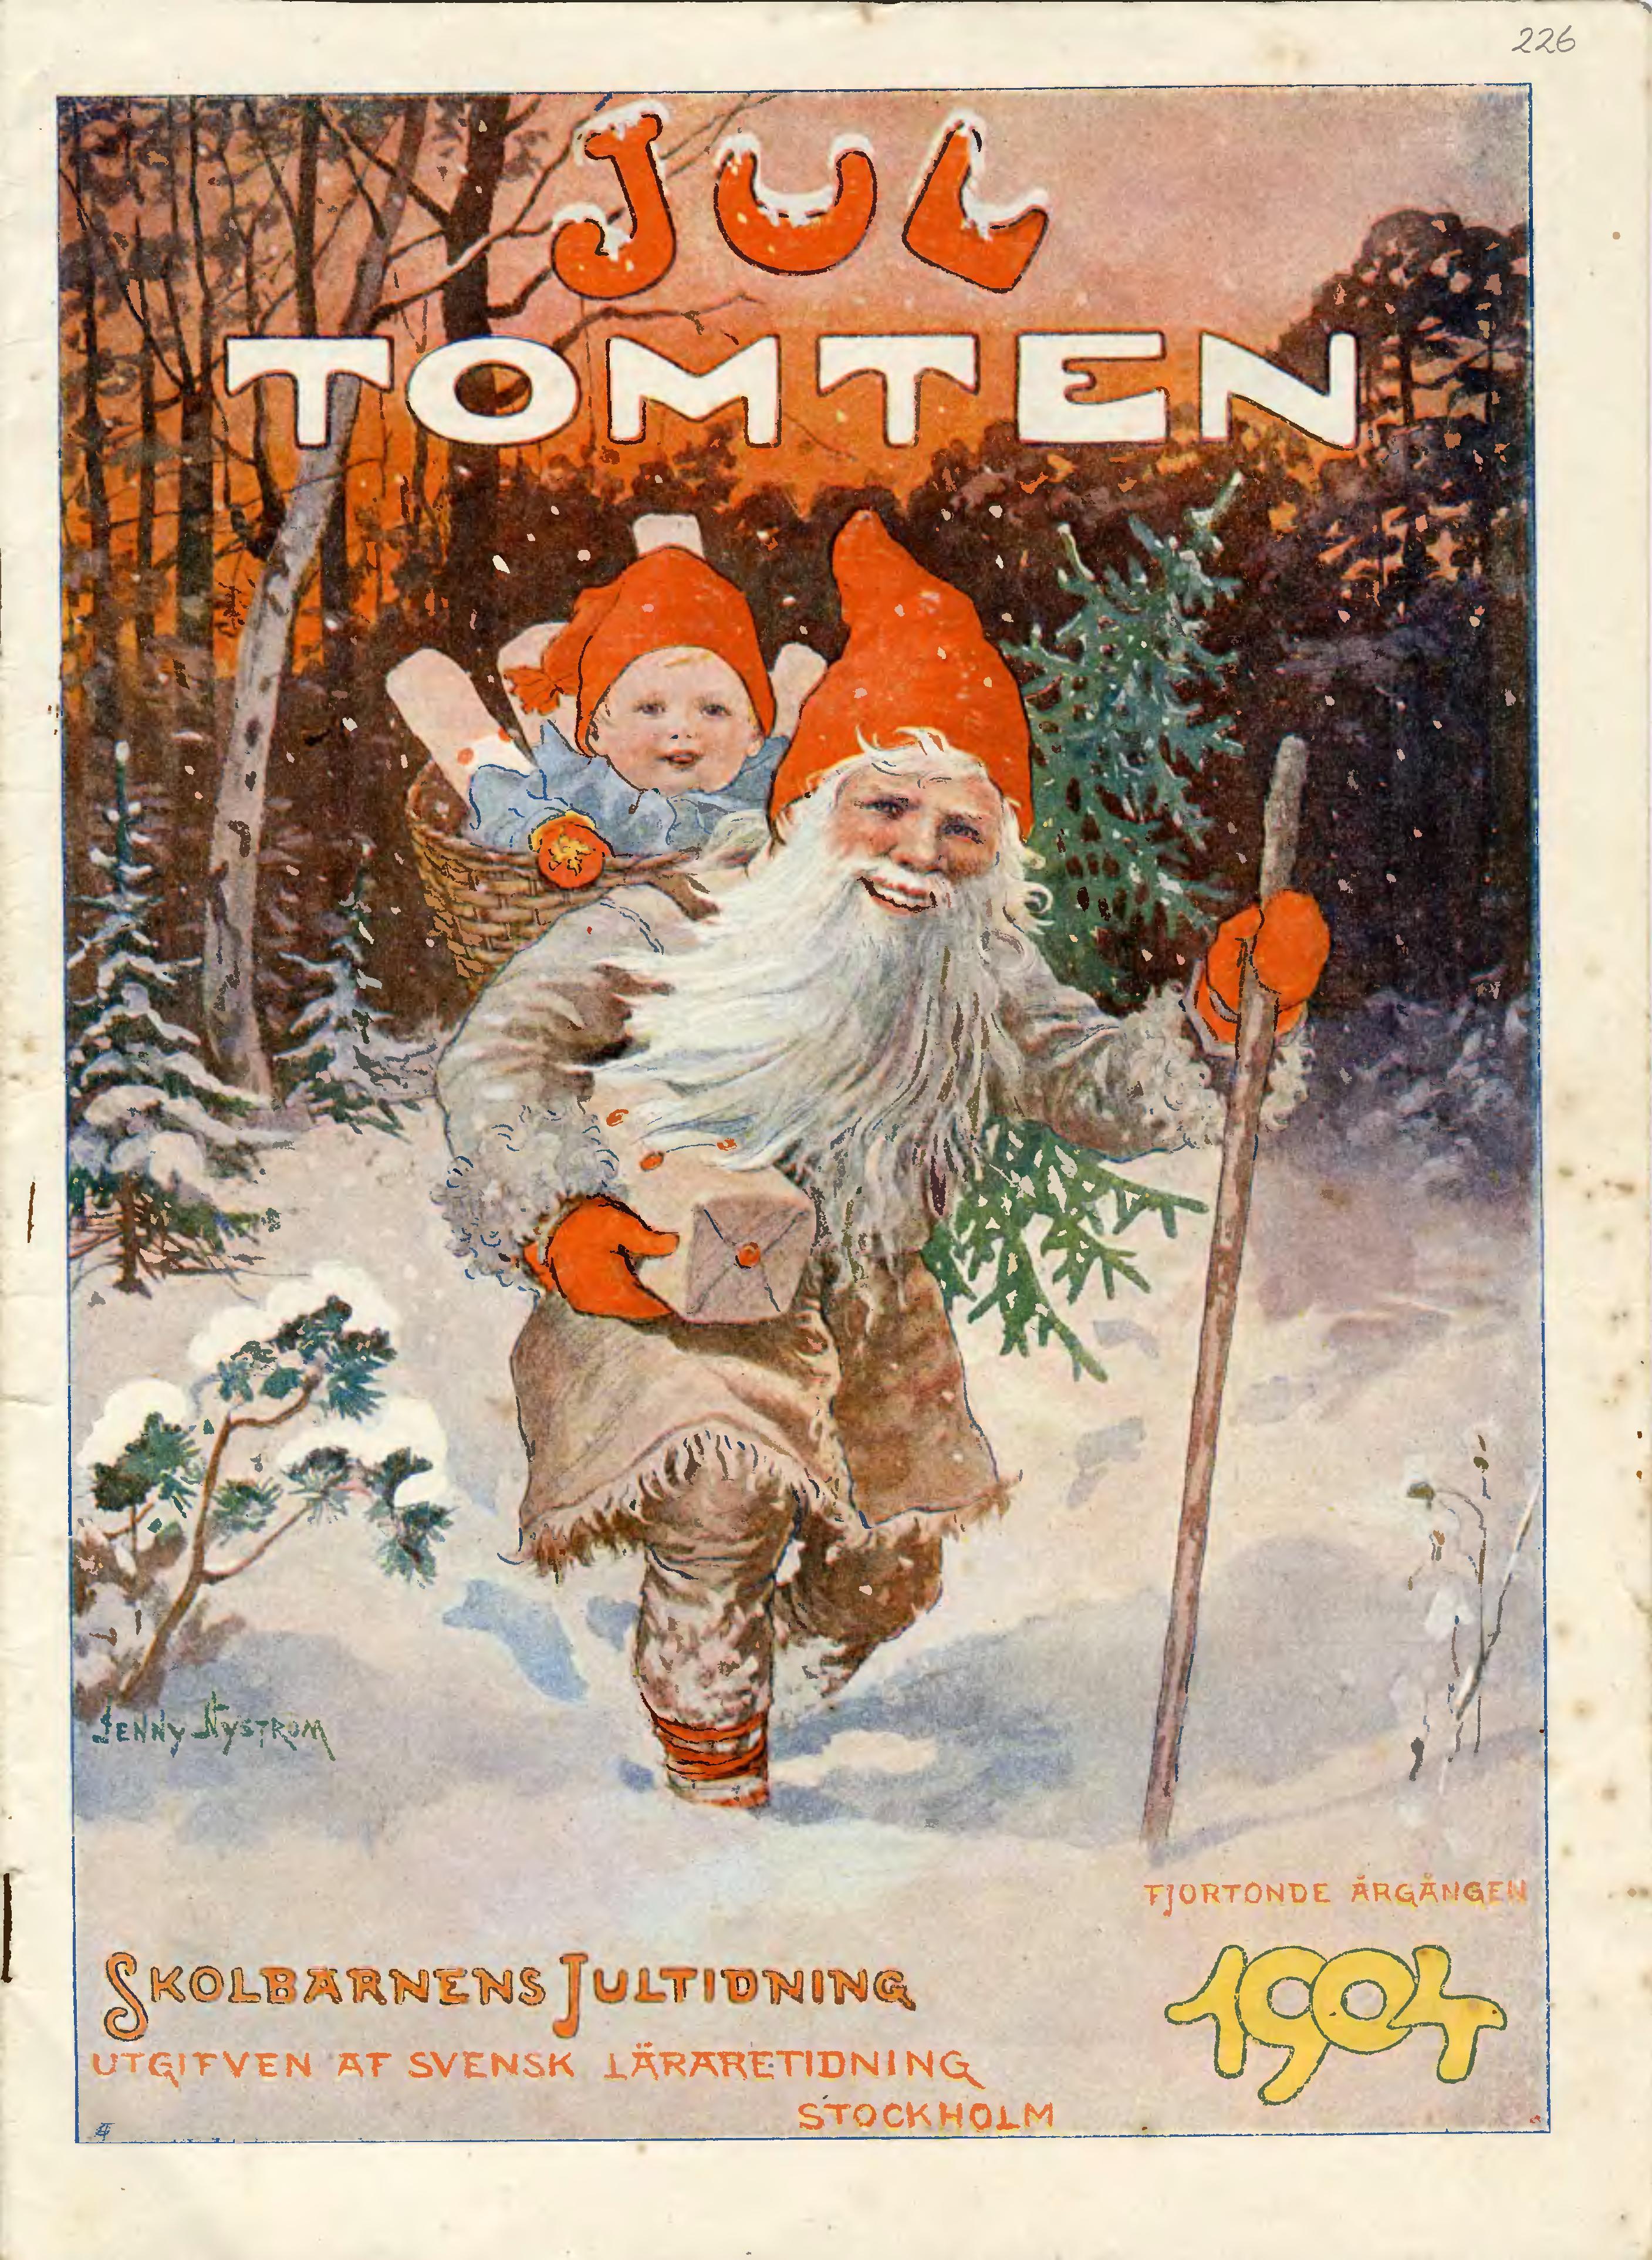 File:Jultomten1904.djvu - Wikimedia Commons